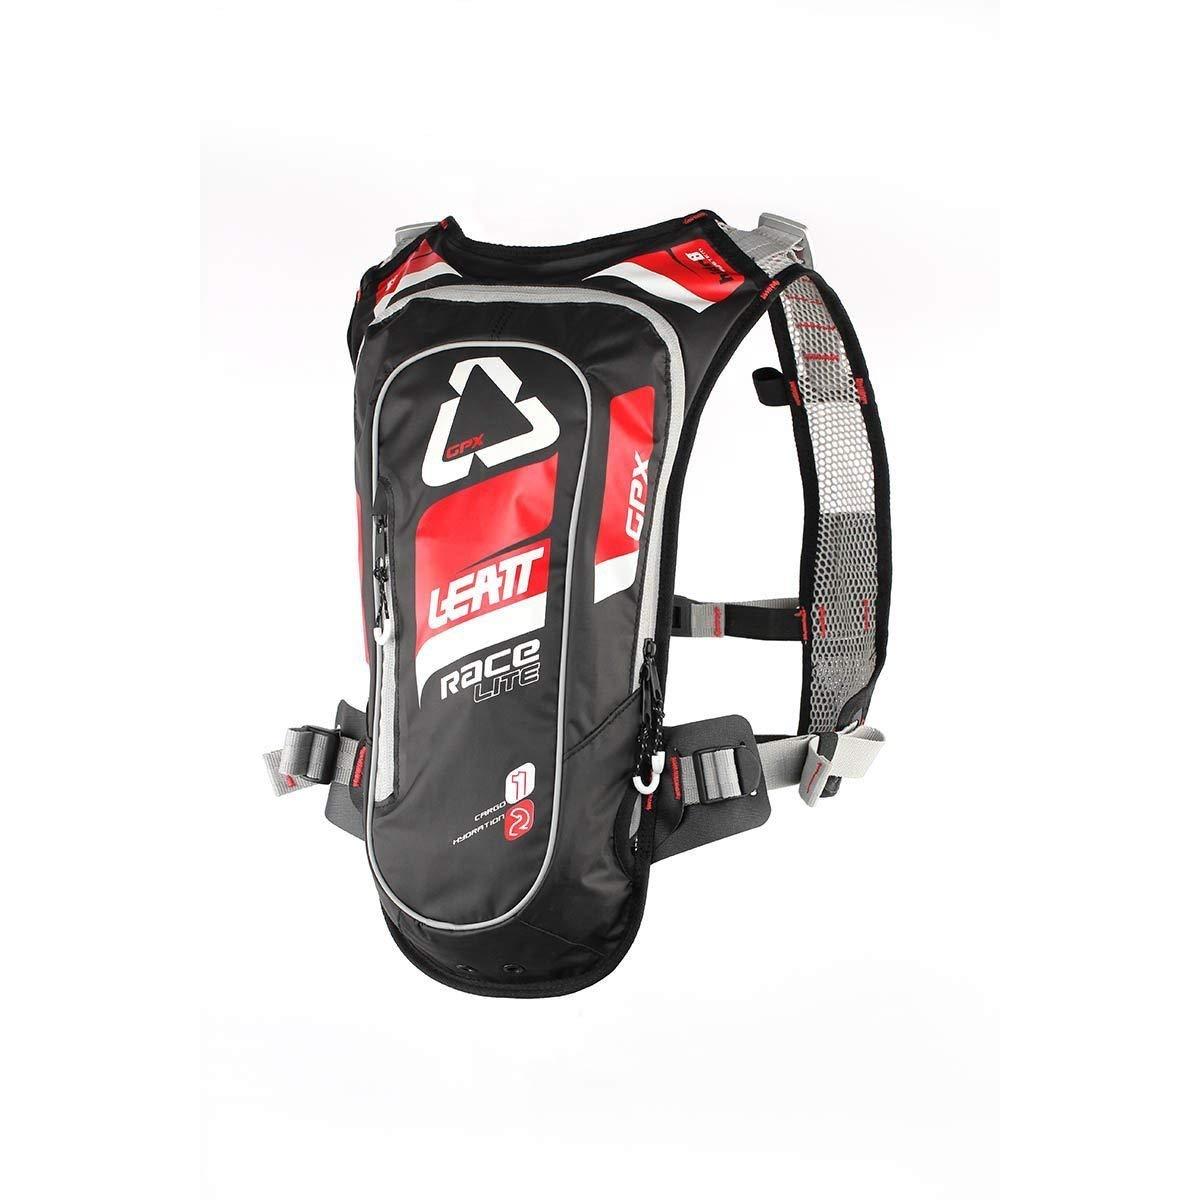 Leatt GPX 2.0 Race HF Hydration Pack-Red/Black by Leatt Brace